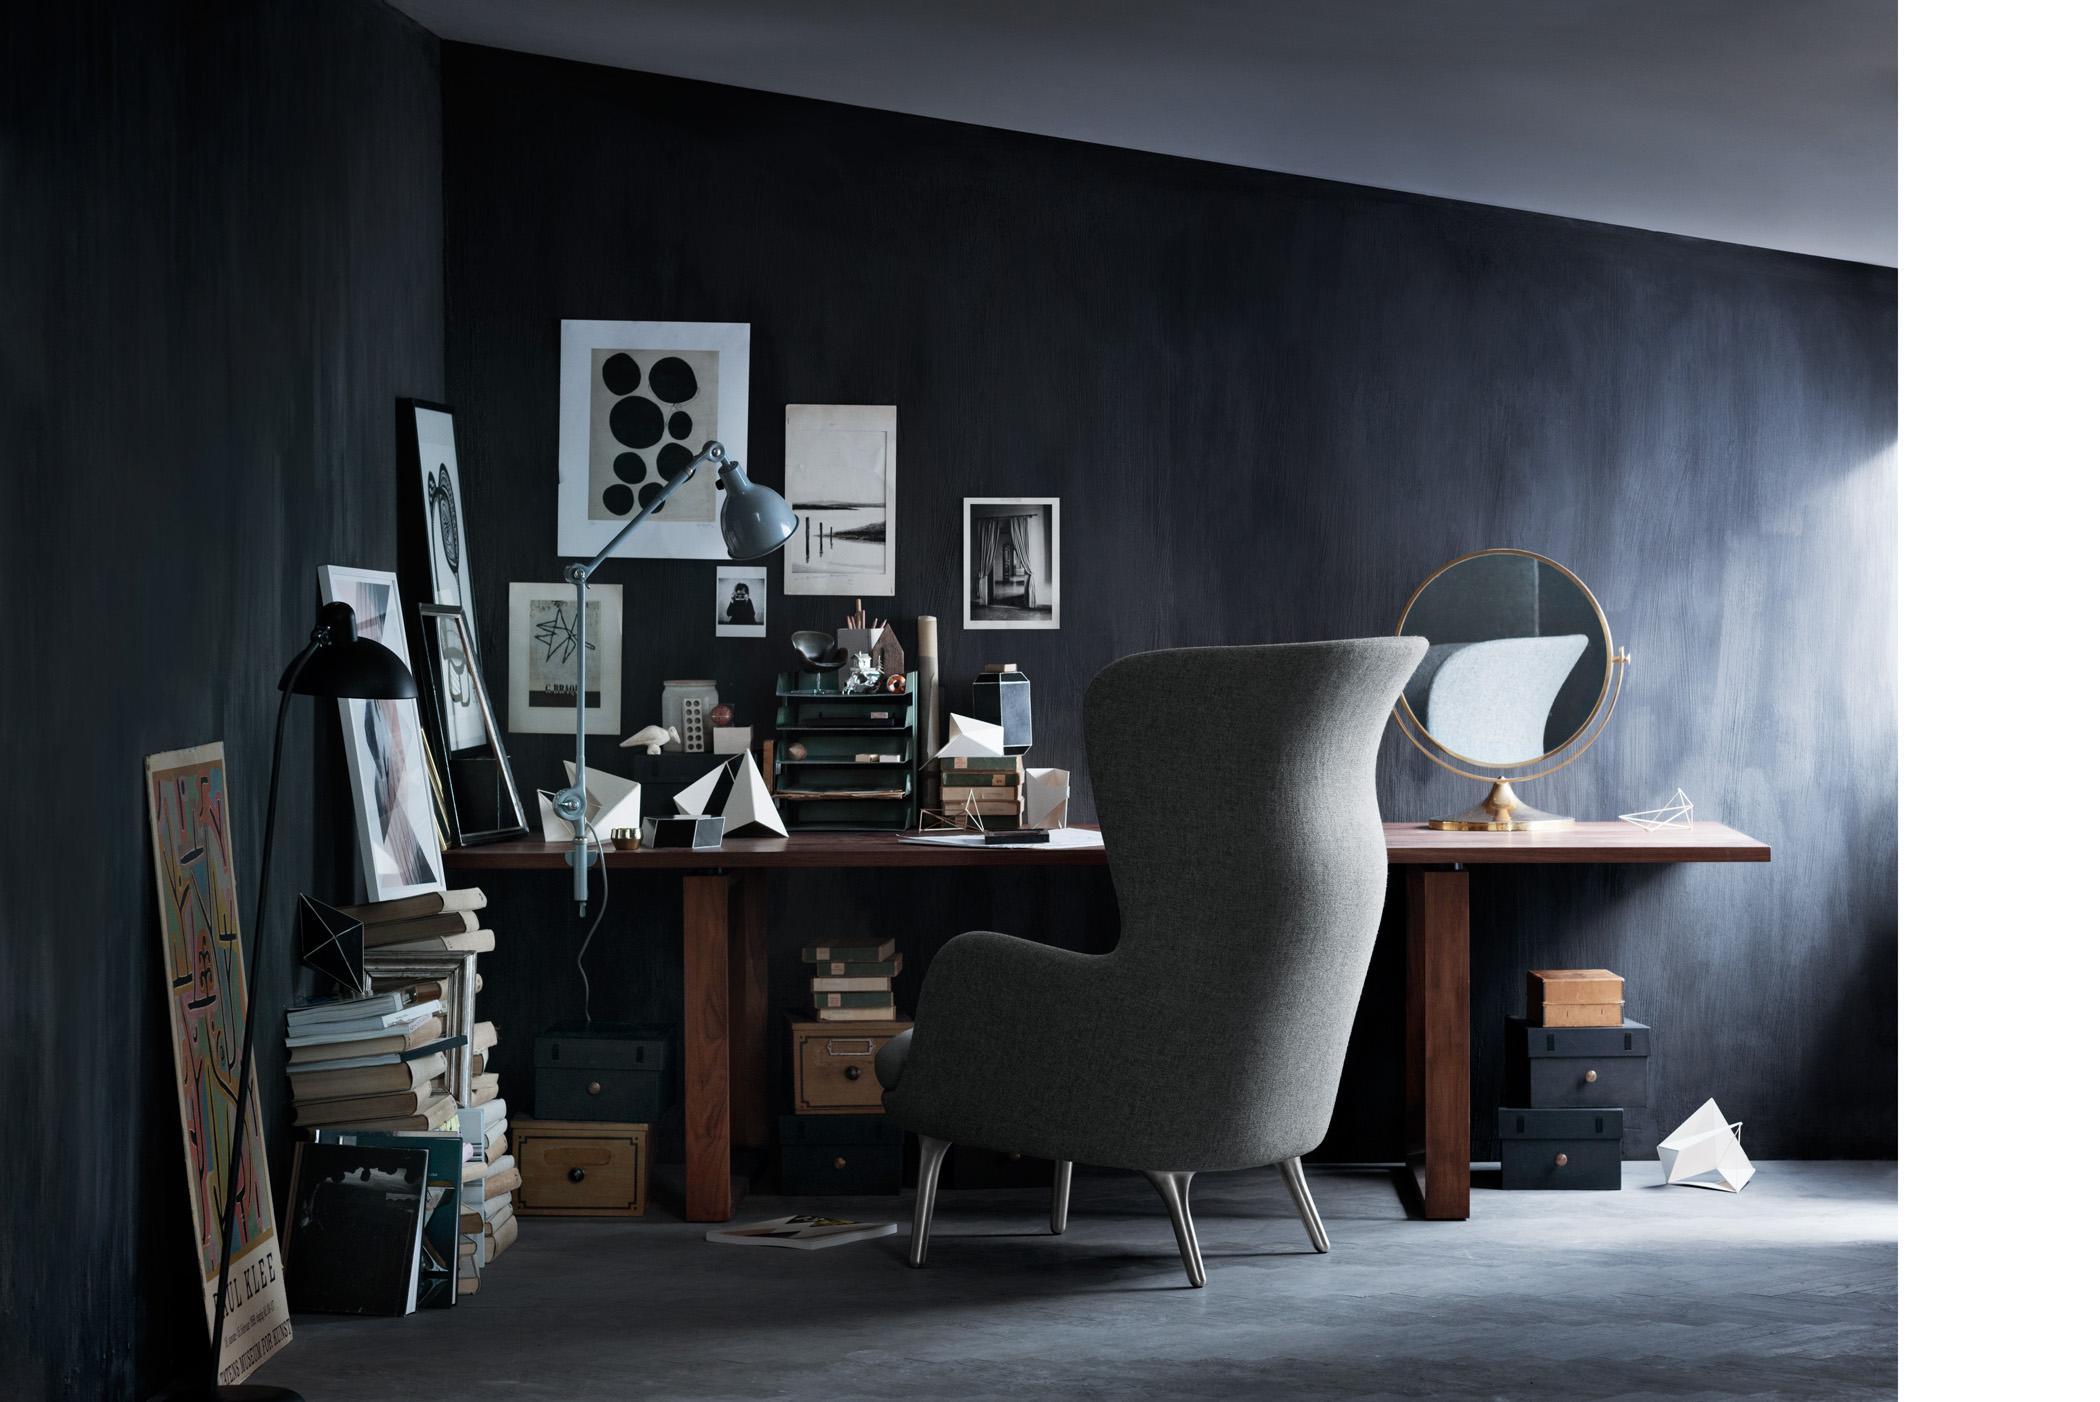 Schwarze Wandfarbe Bilder Ideen Couch